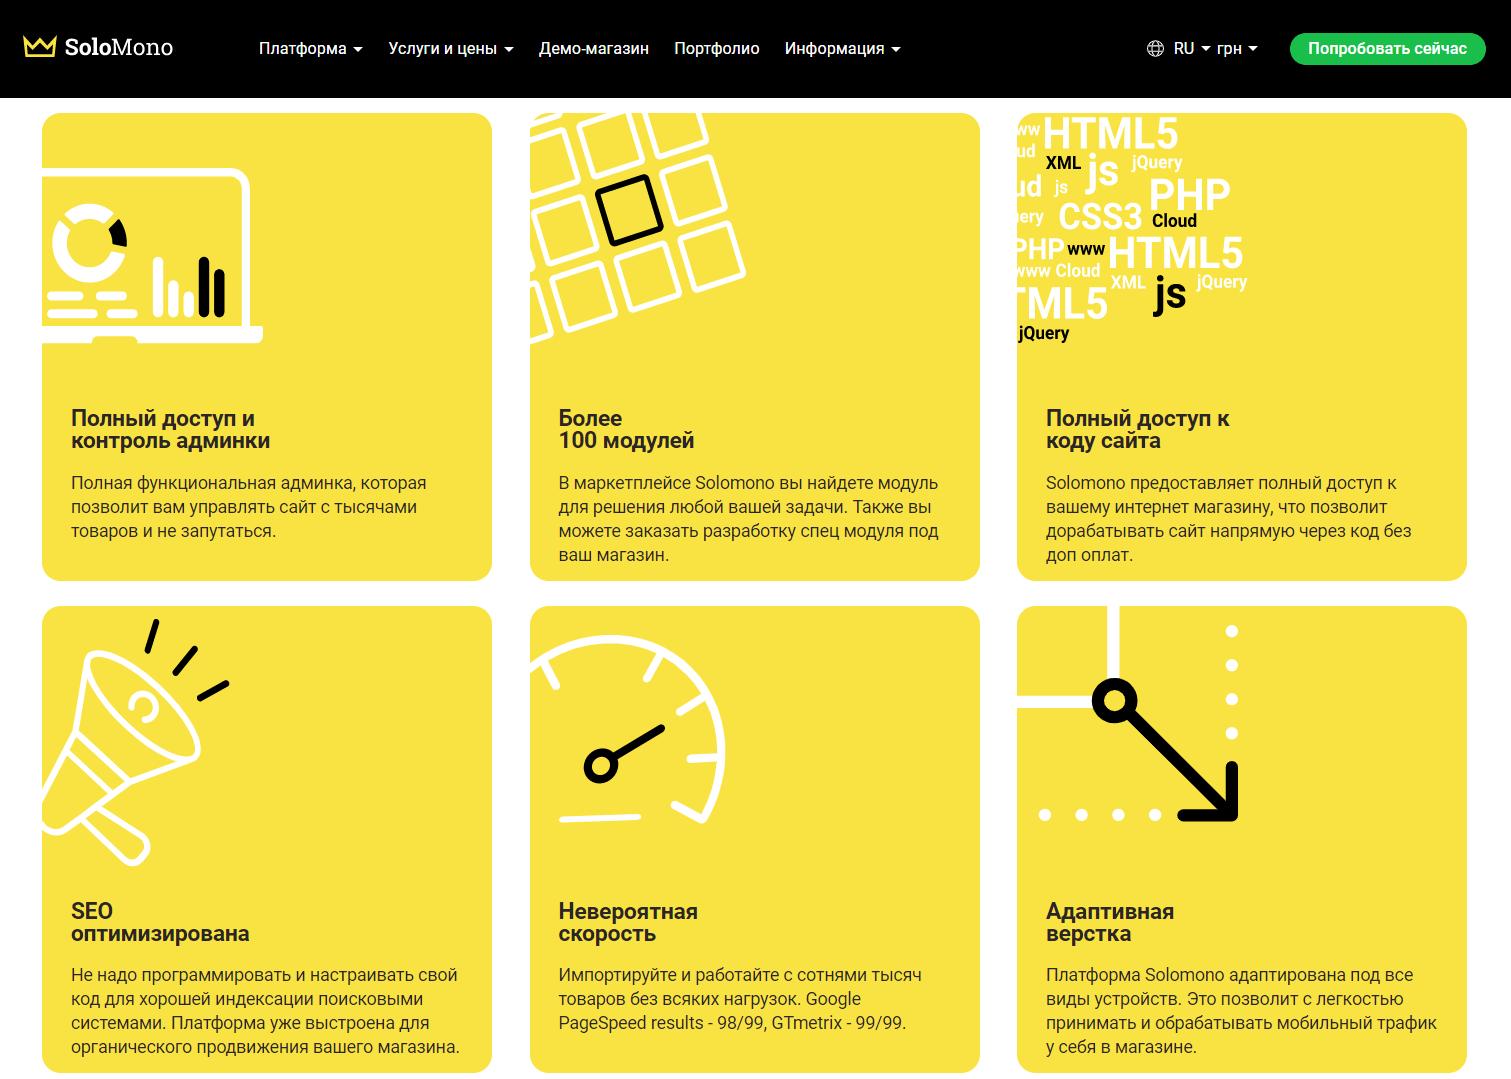 SoloMono - обзор компании, услуги, отзывы, клиенты, Фото № 3 - google-seo.pro